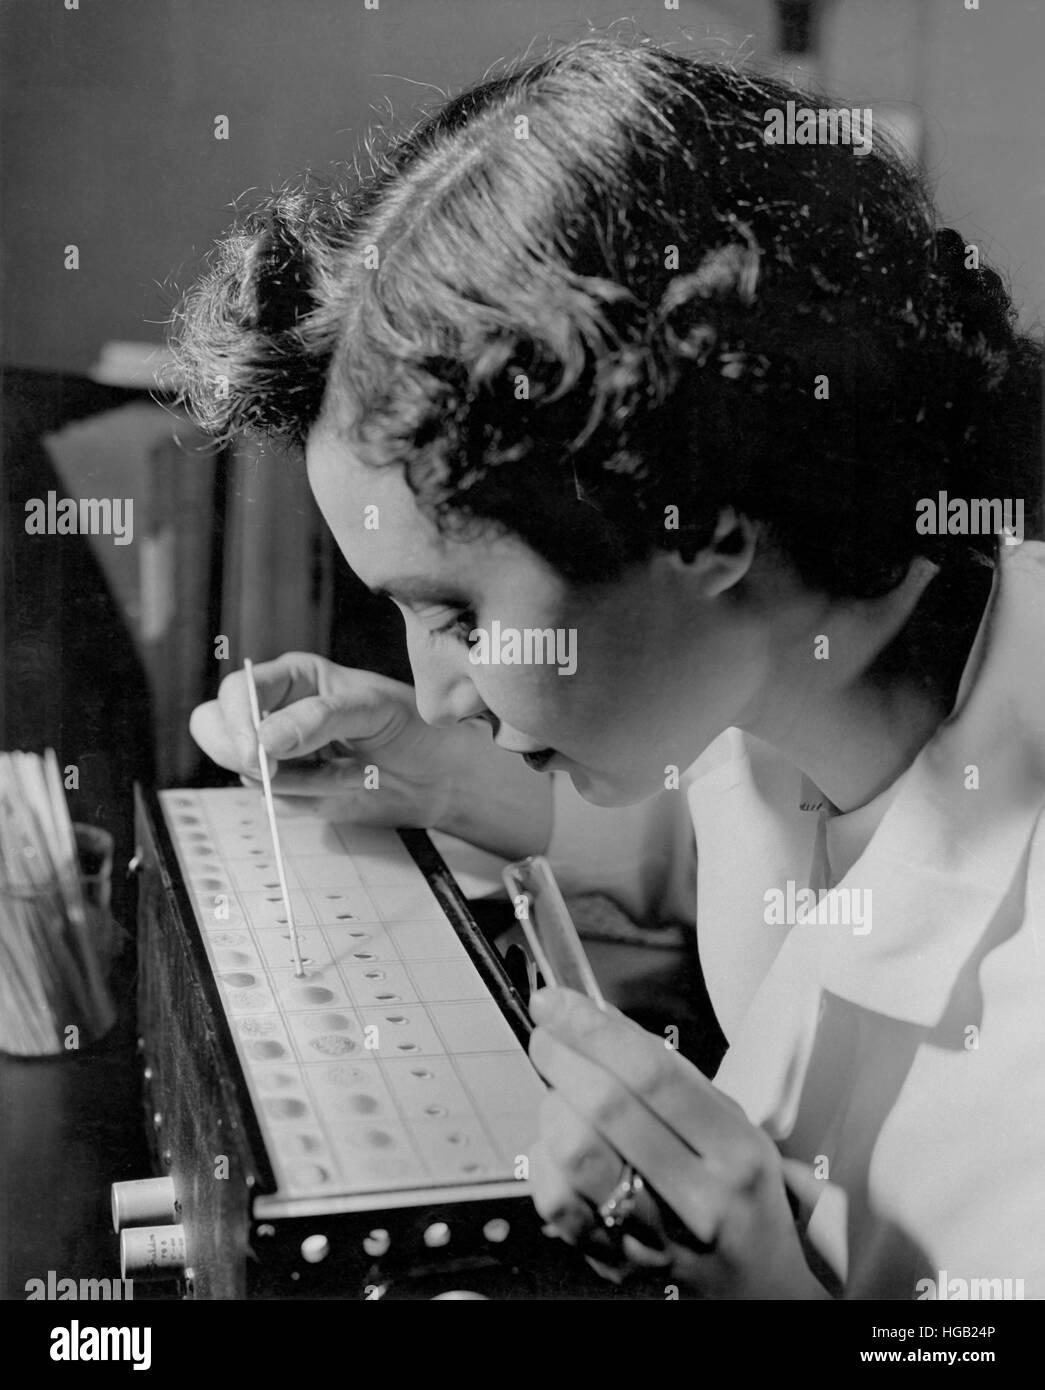 Técnico de Laboratorio mostrar sangre escribiendo, 1957. Imagen De Stock